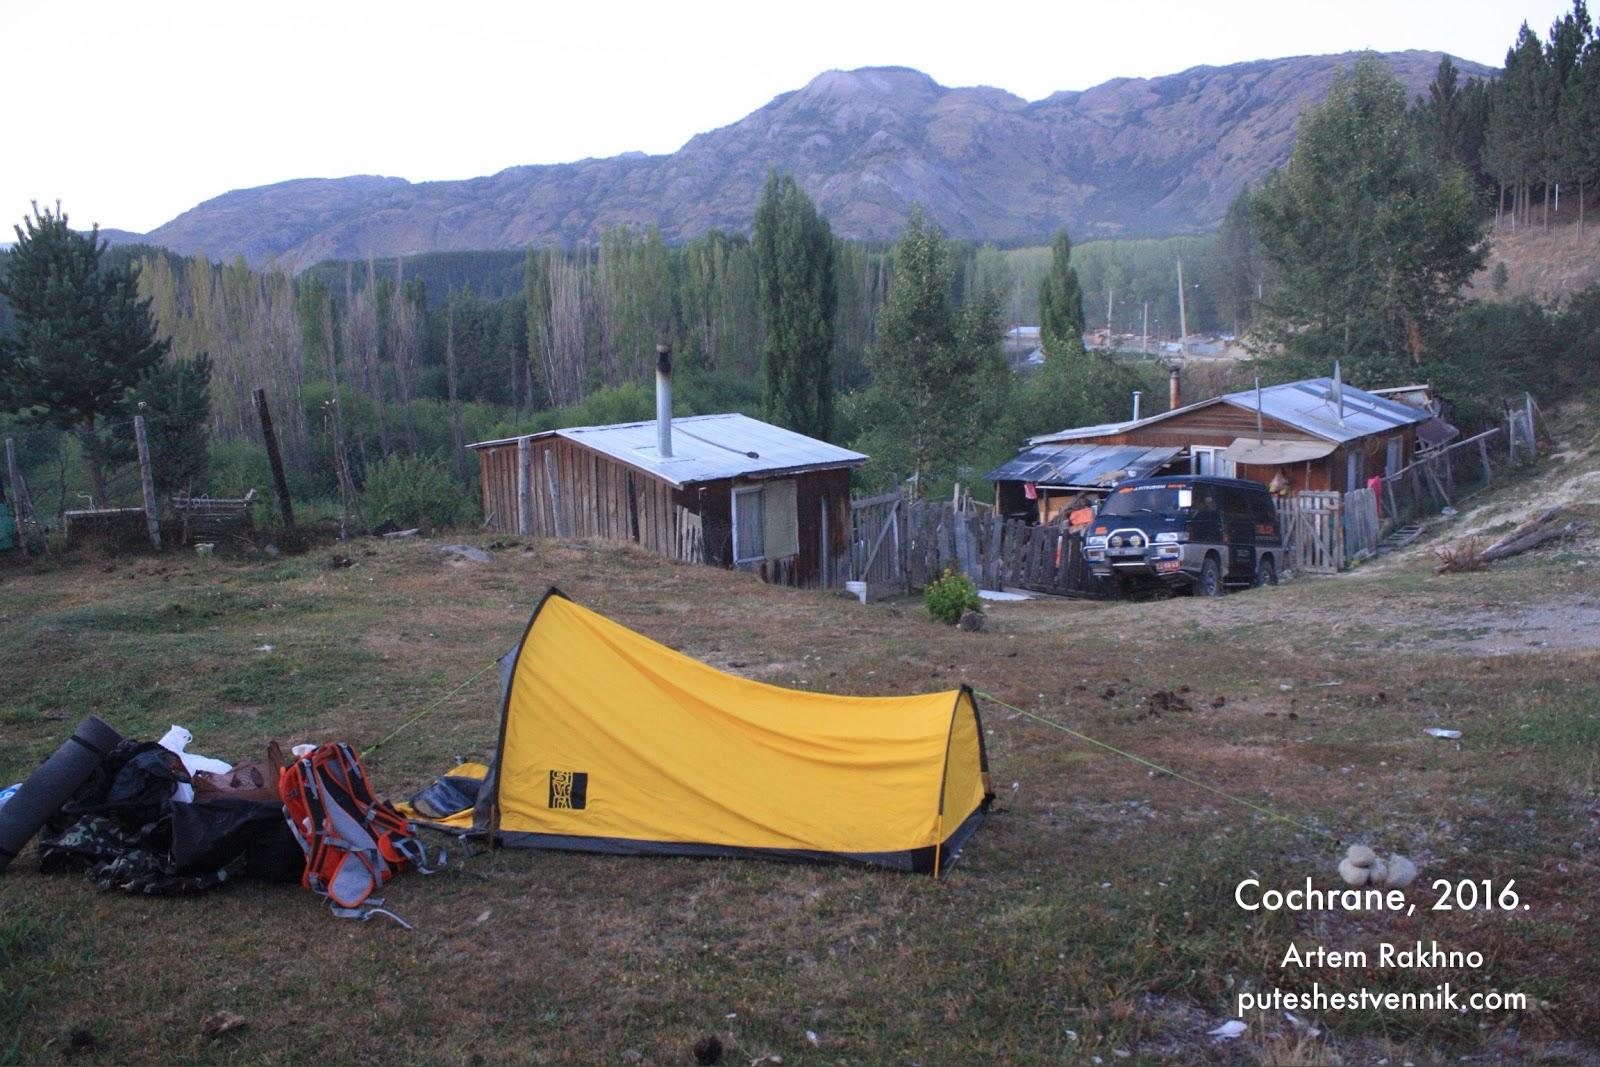 Моя палатка в Кокране